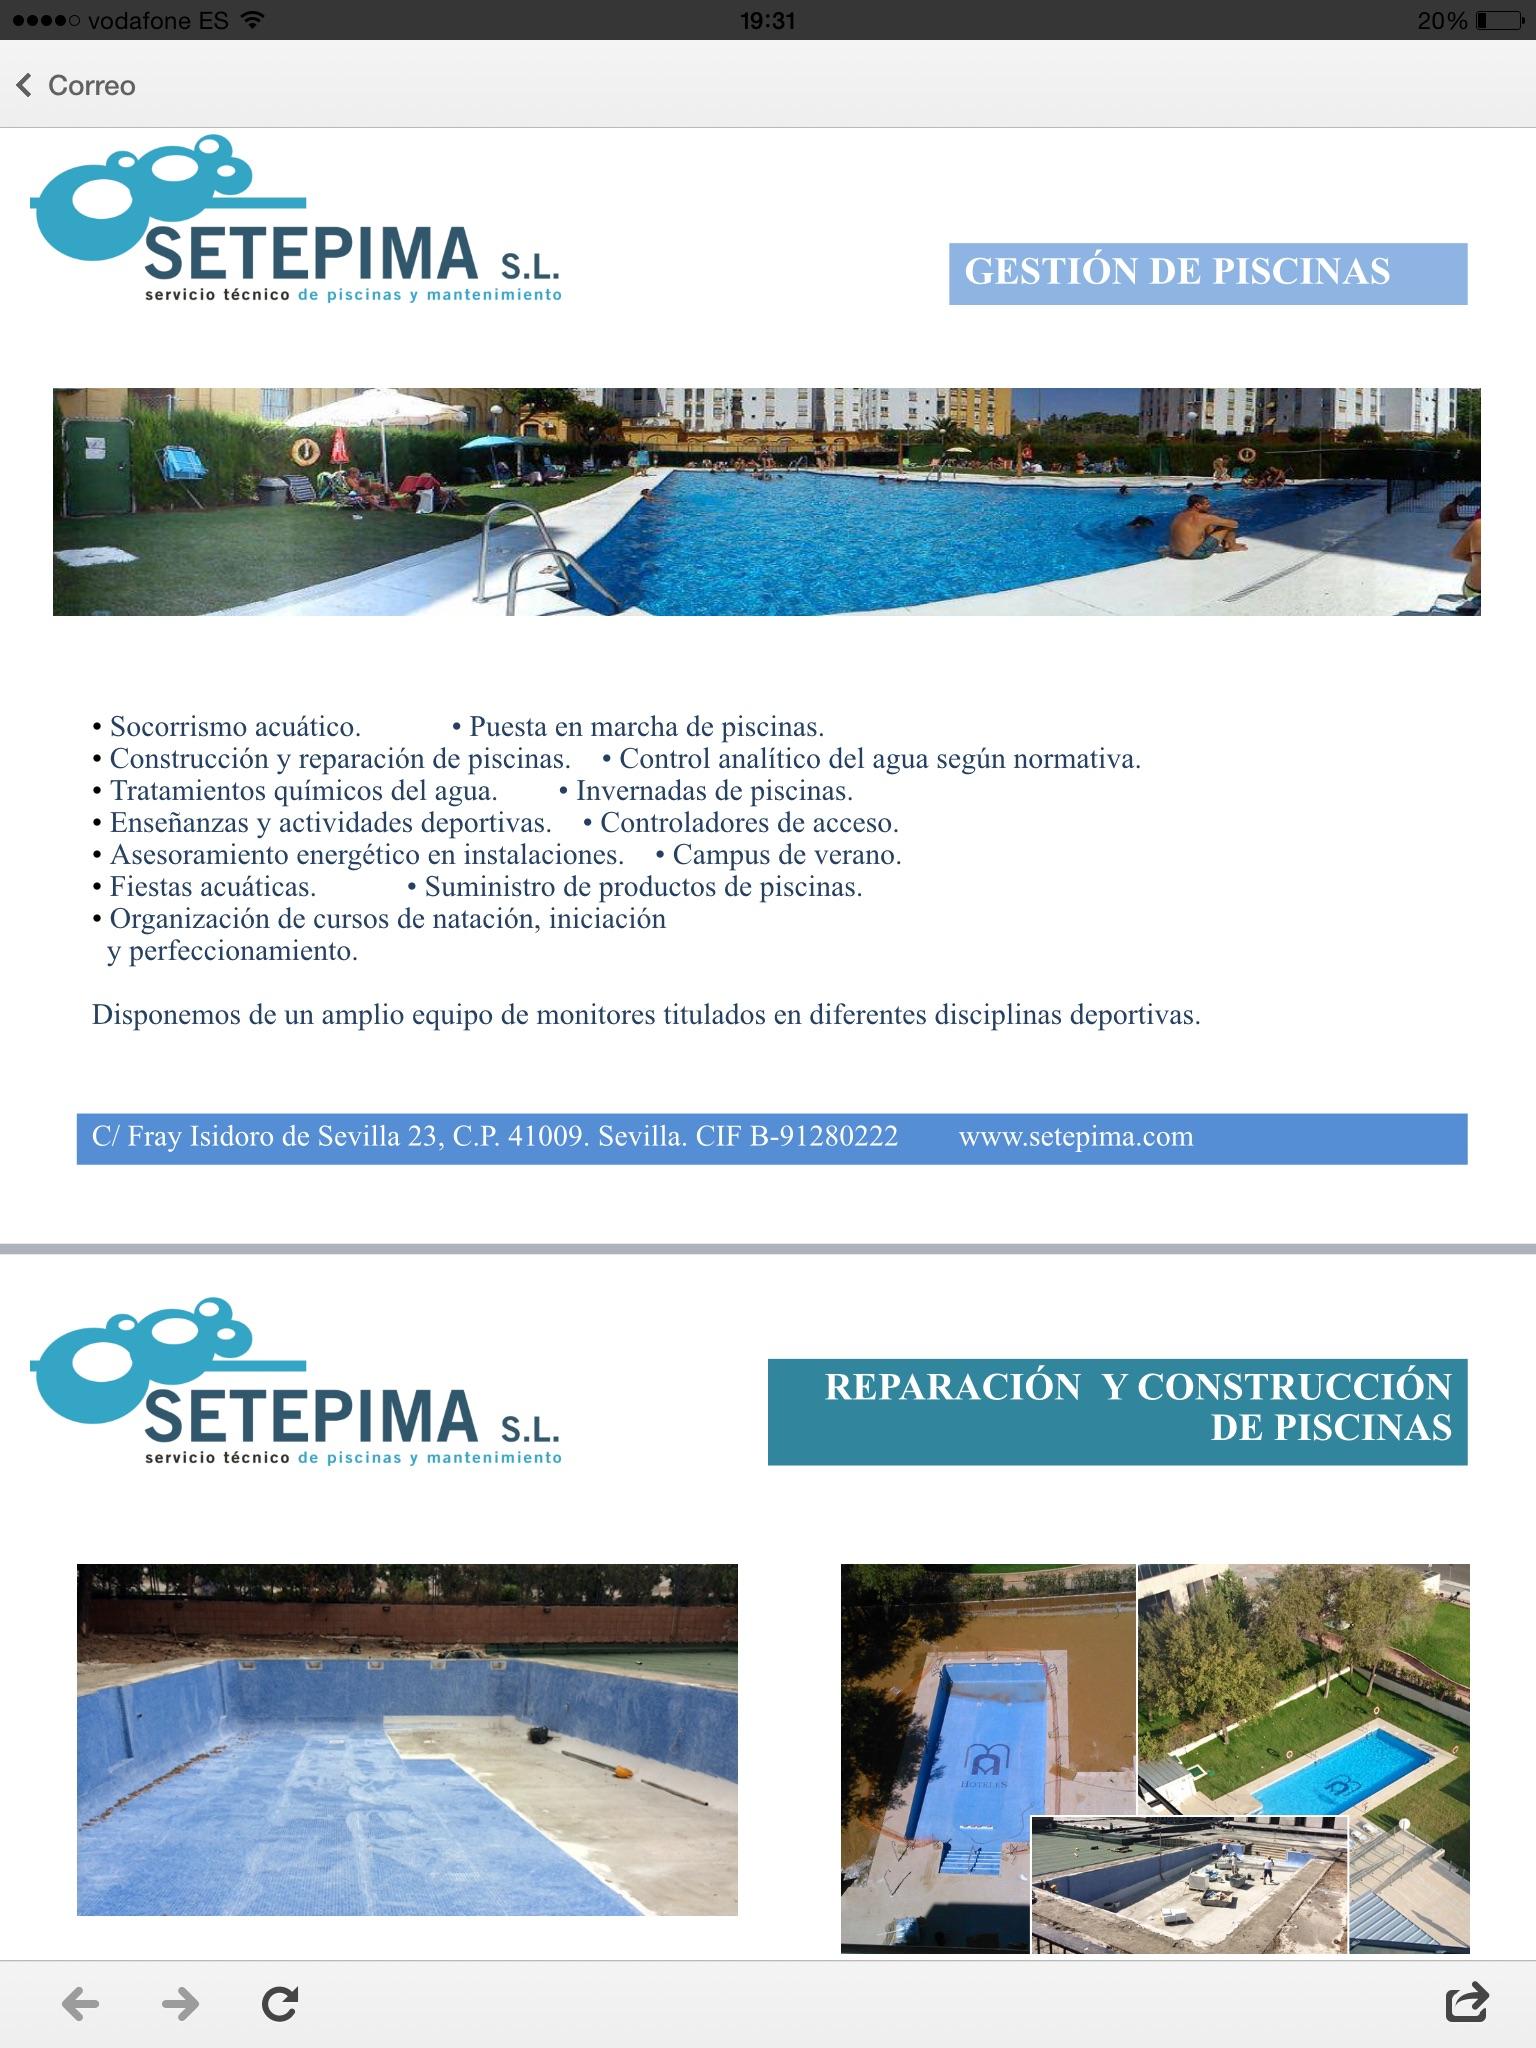 Setepima